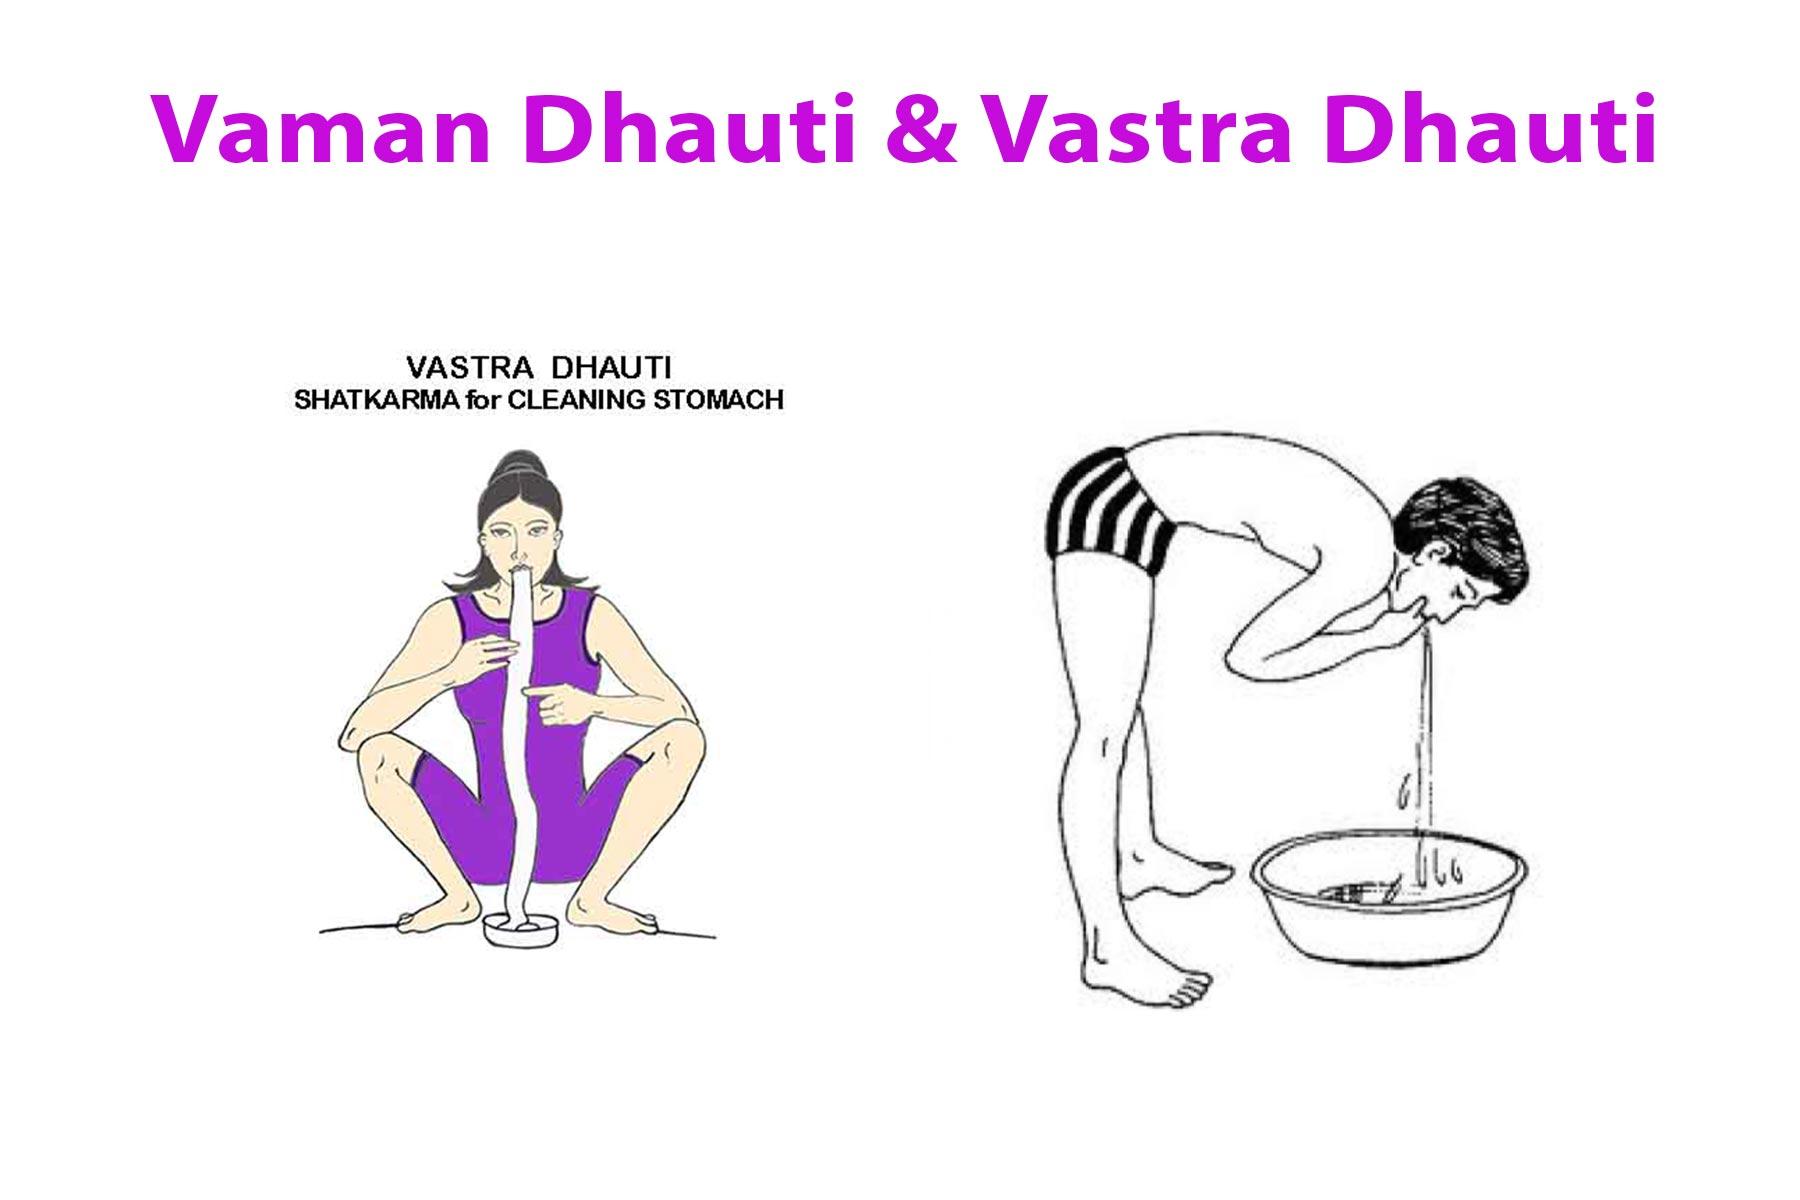 Vaman Dhauti : Yoga Kriya & Vastra Dhauti